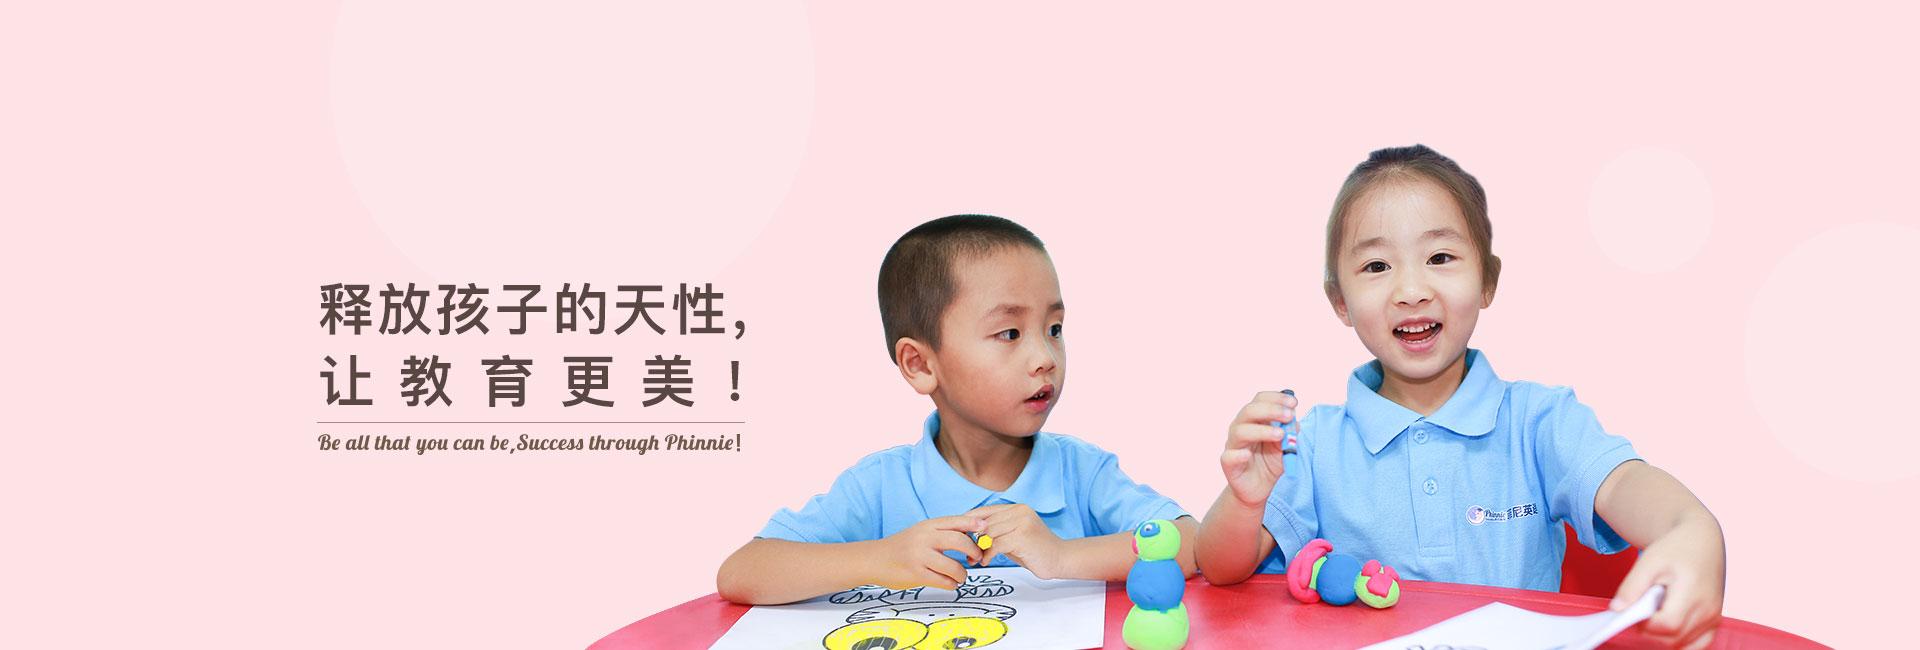 北京少儿英语培训班有哪些